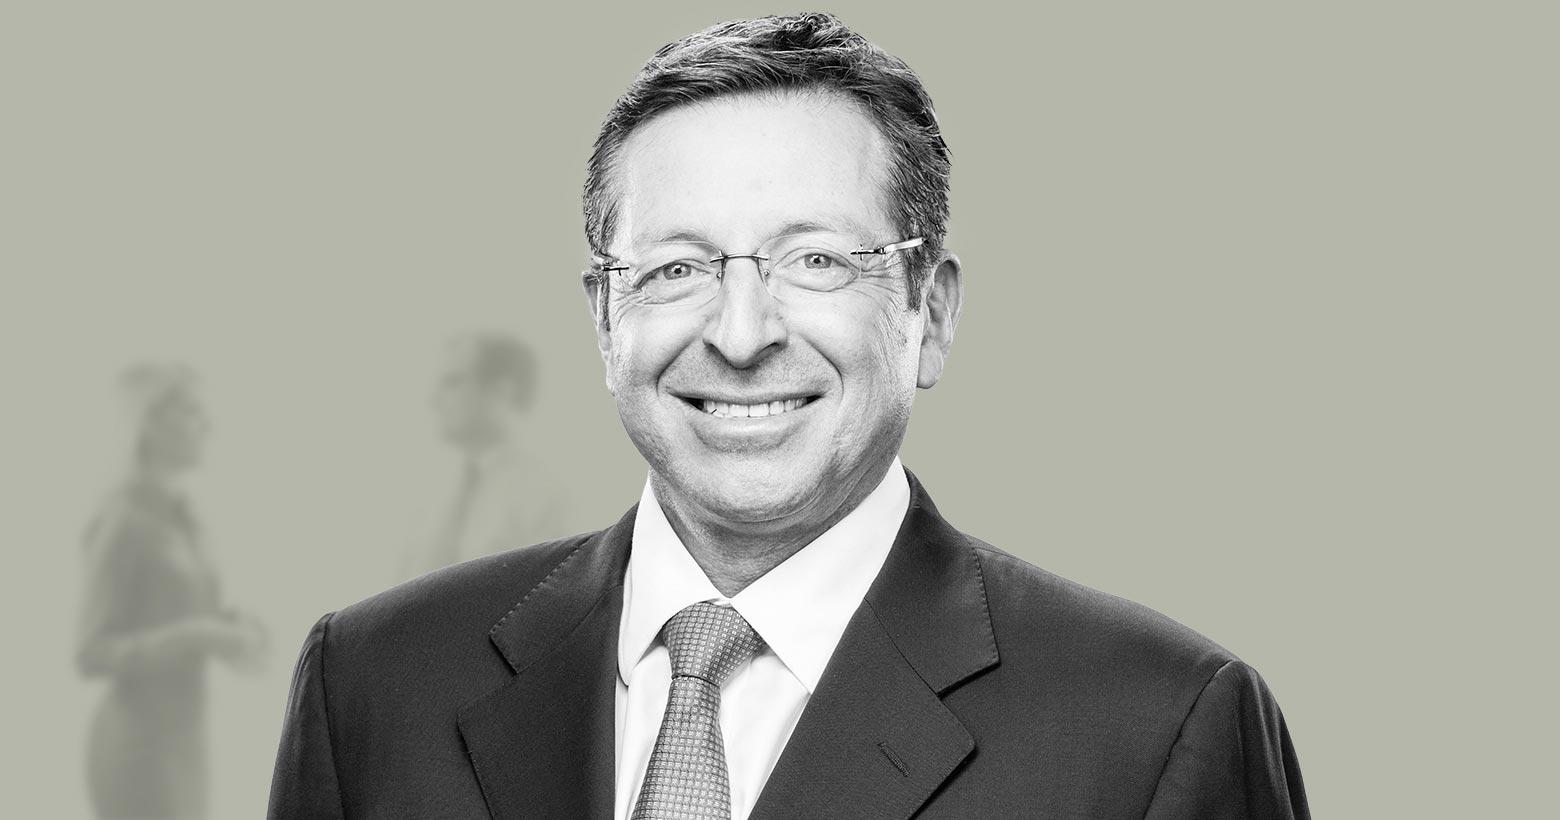 Michael Hersch